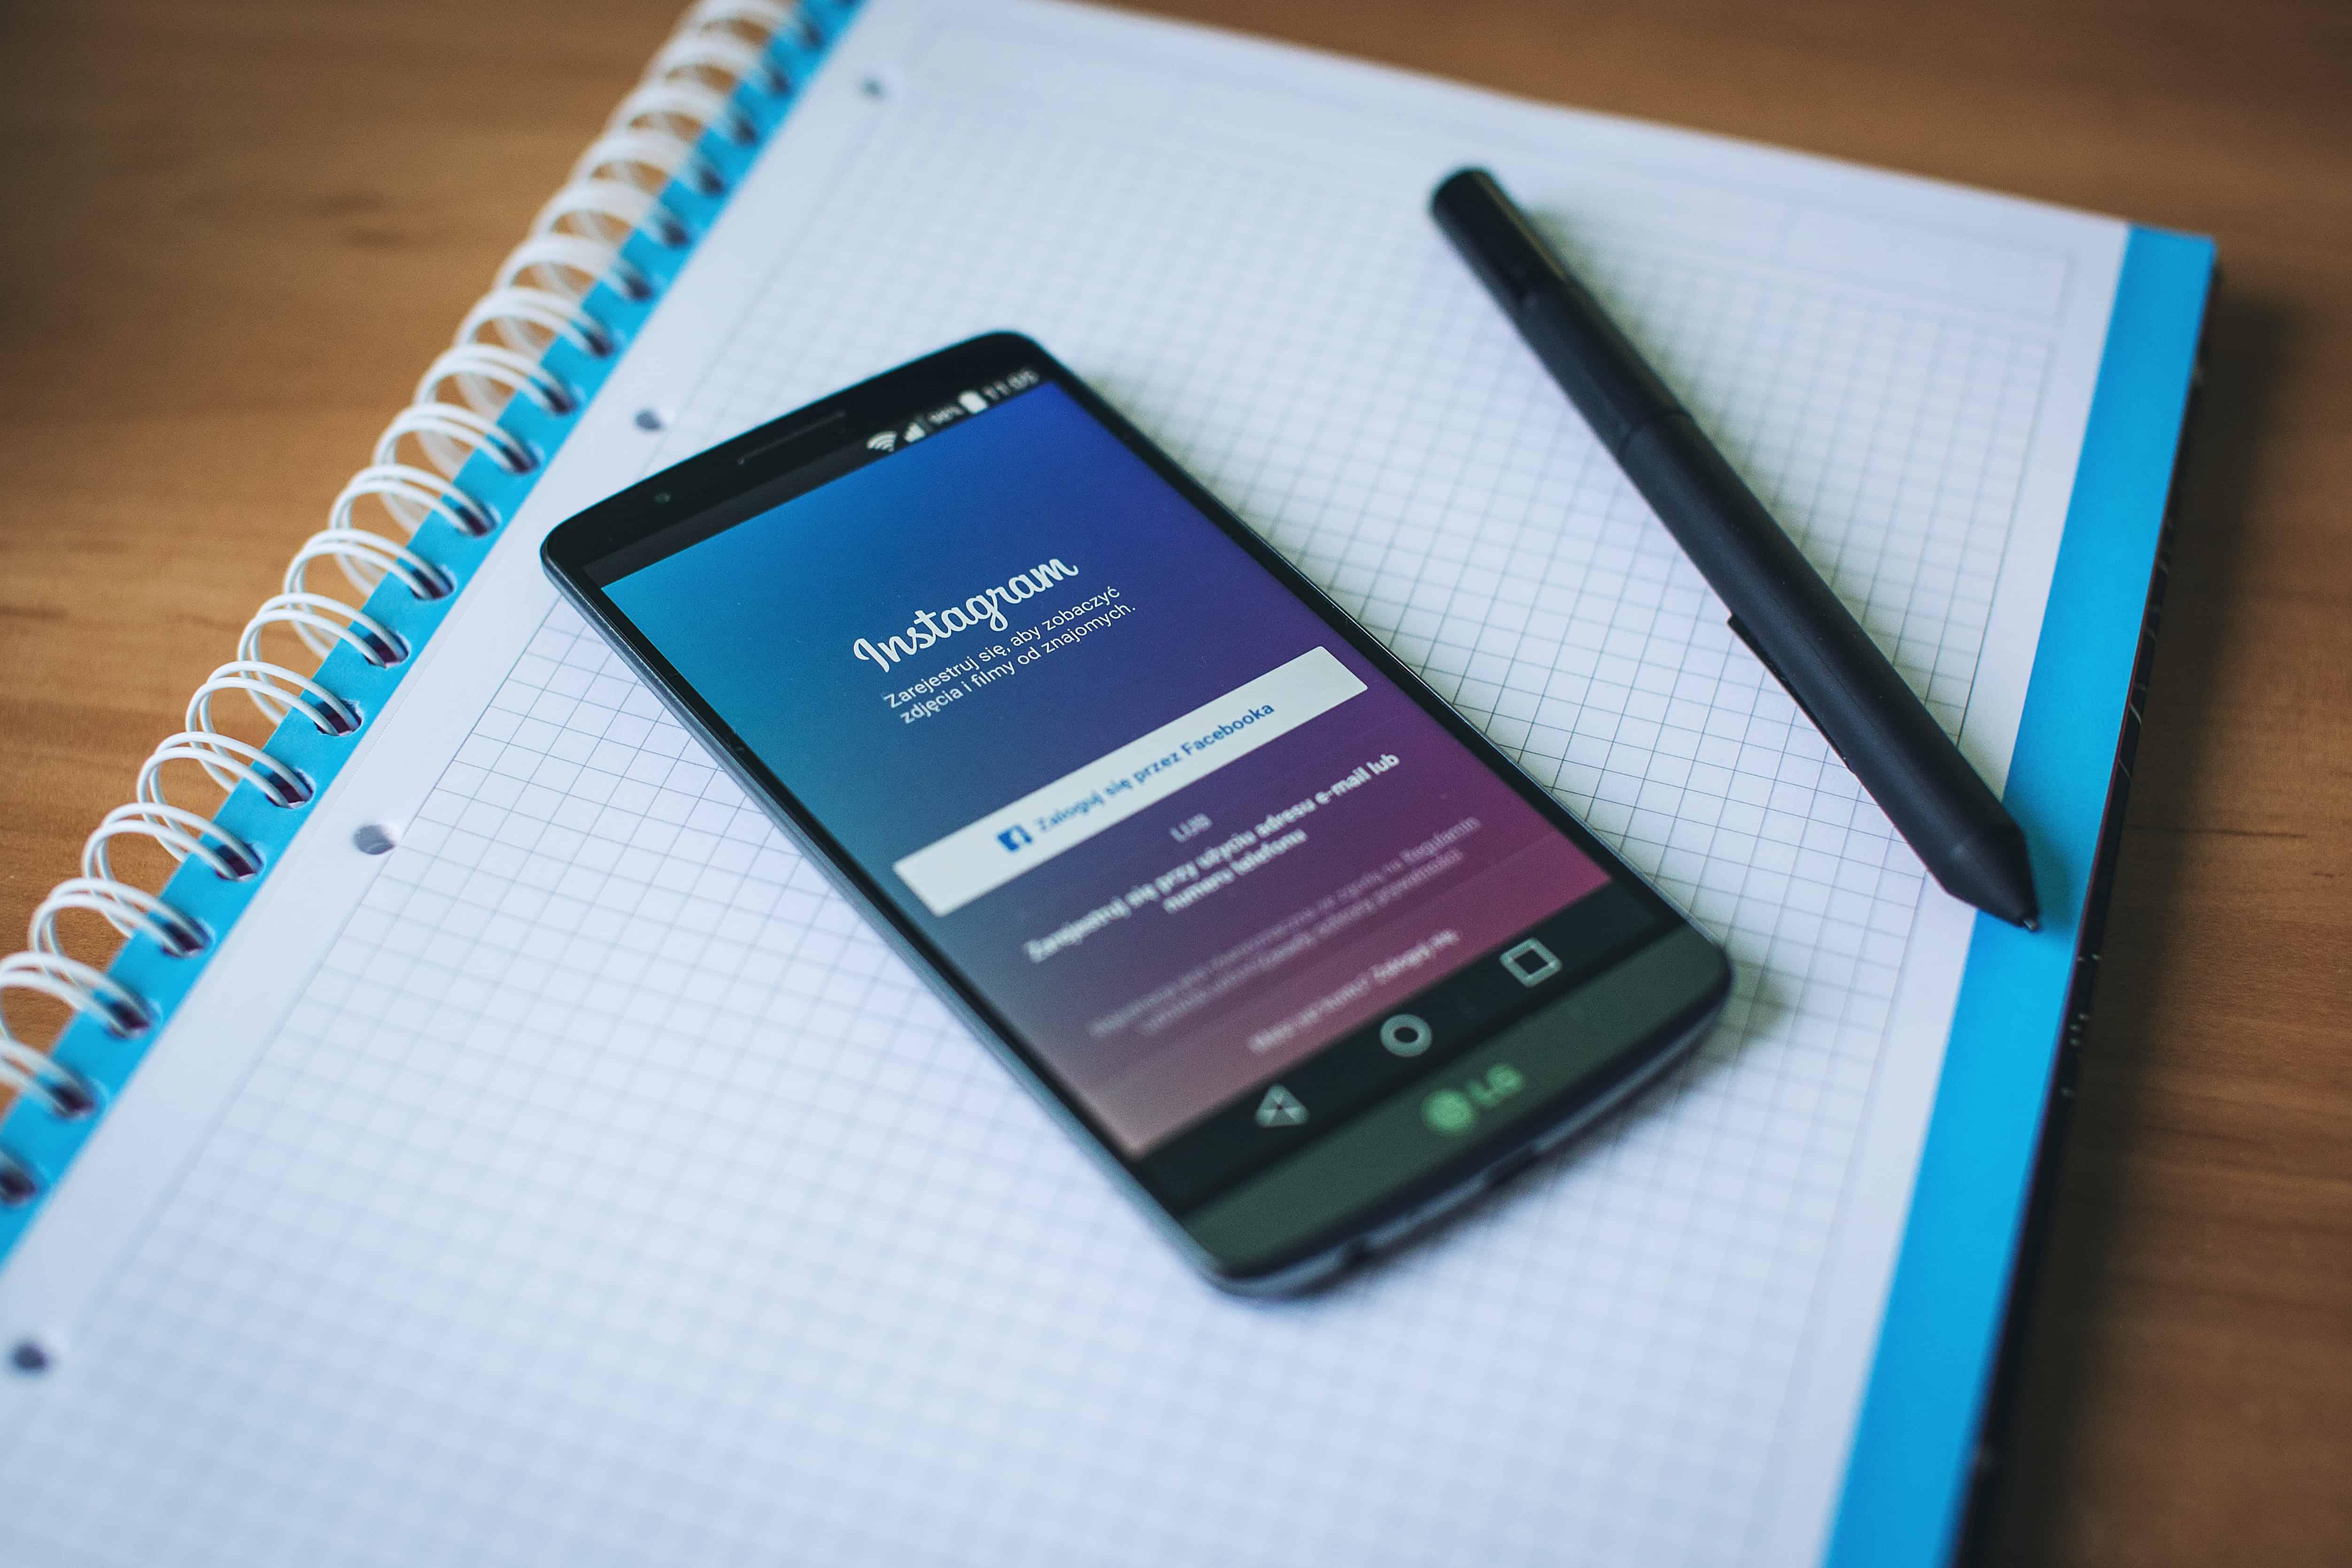 Így indult az Instagram, Pinterest, Angry Birds, Linkedin, AirBnB – infografika